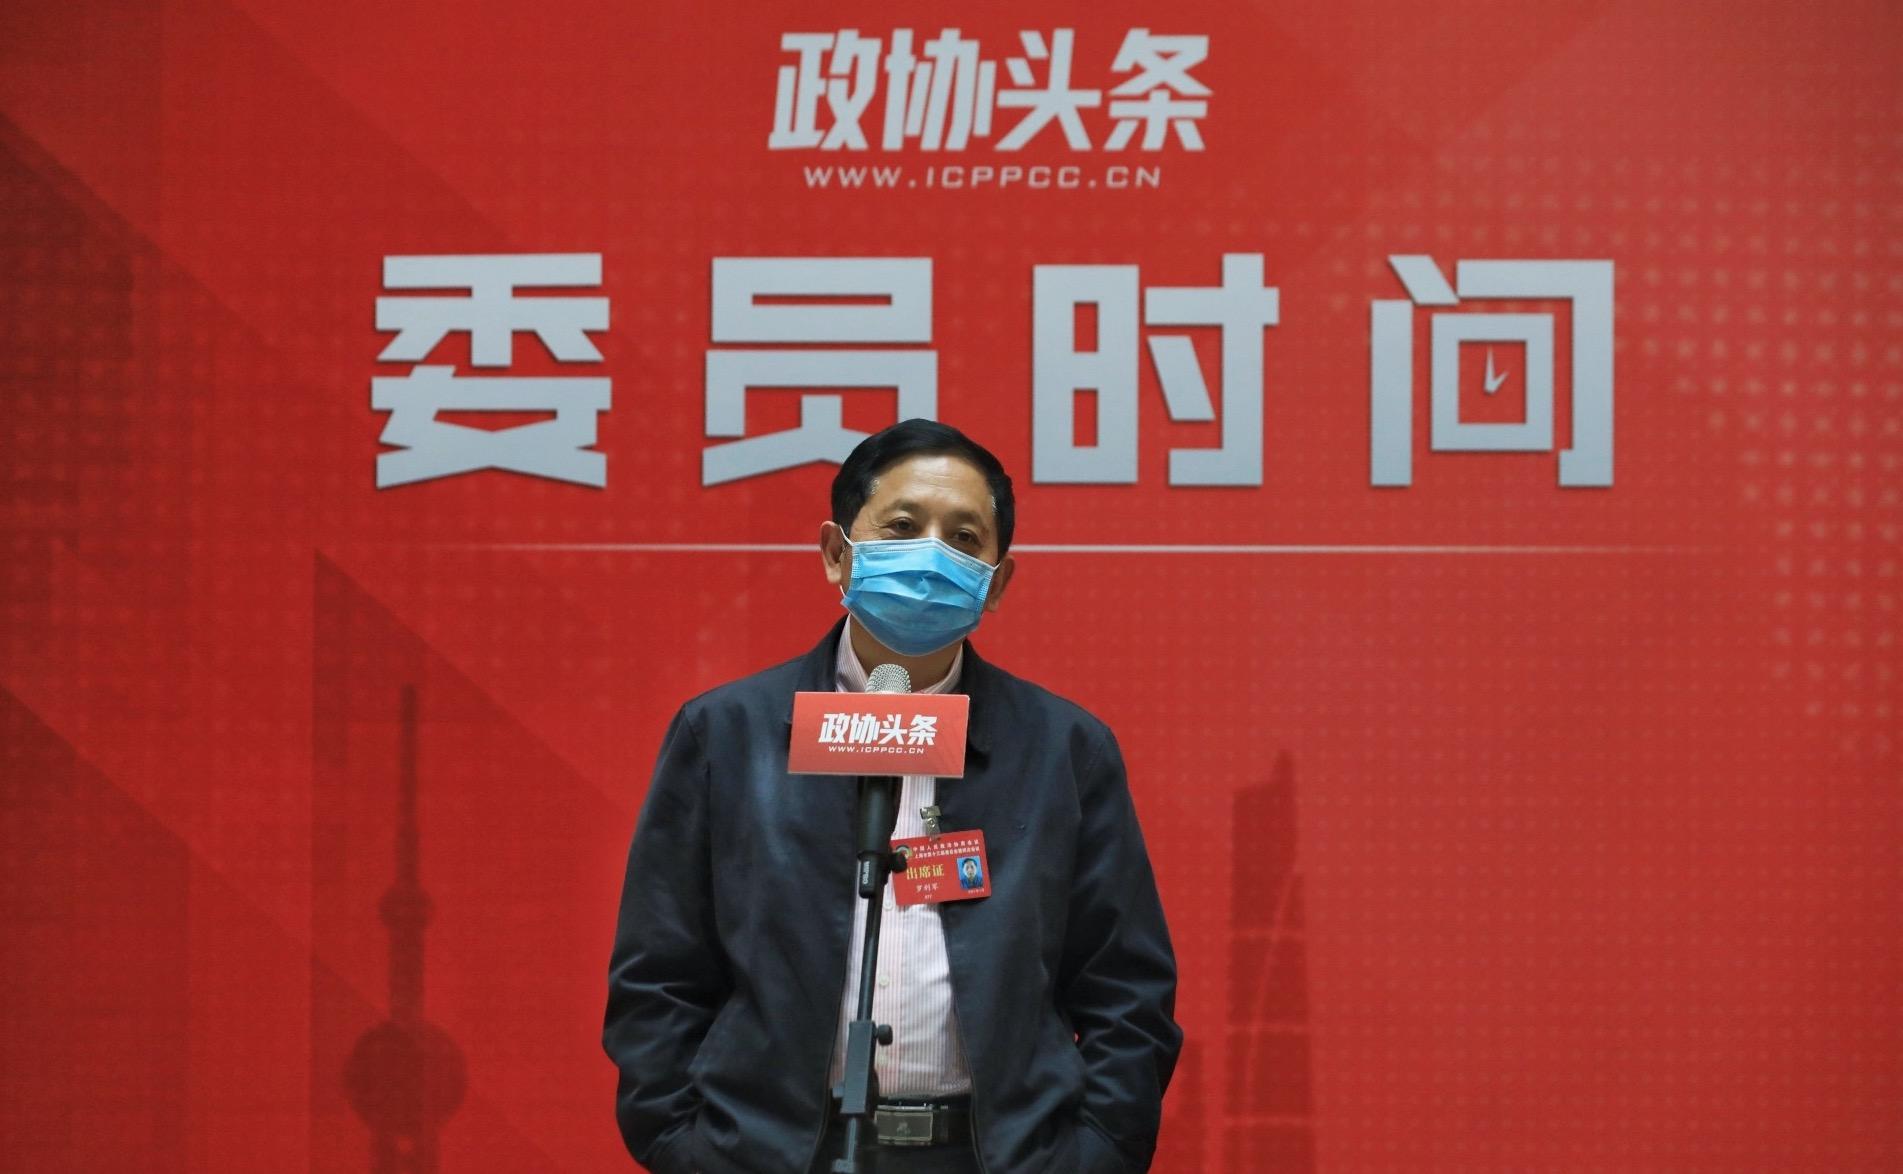 委员时间 | 罗利军:上海农业科技创新应特别注重种源保护研究和现代种业发展